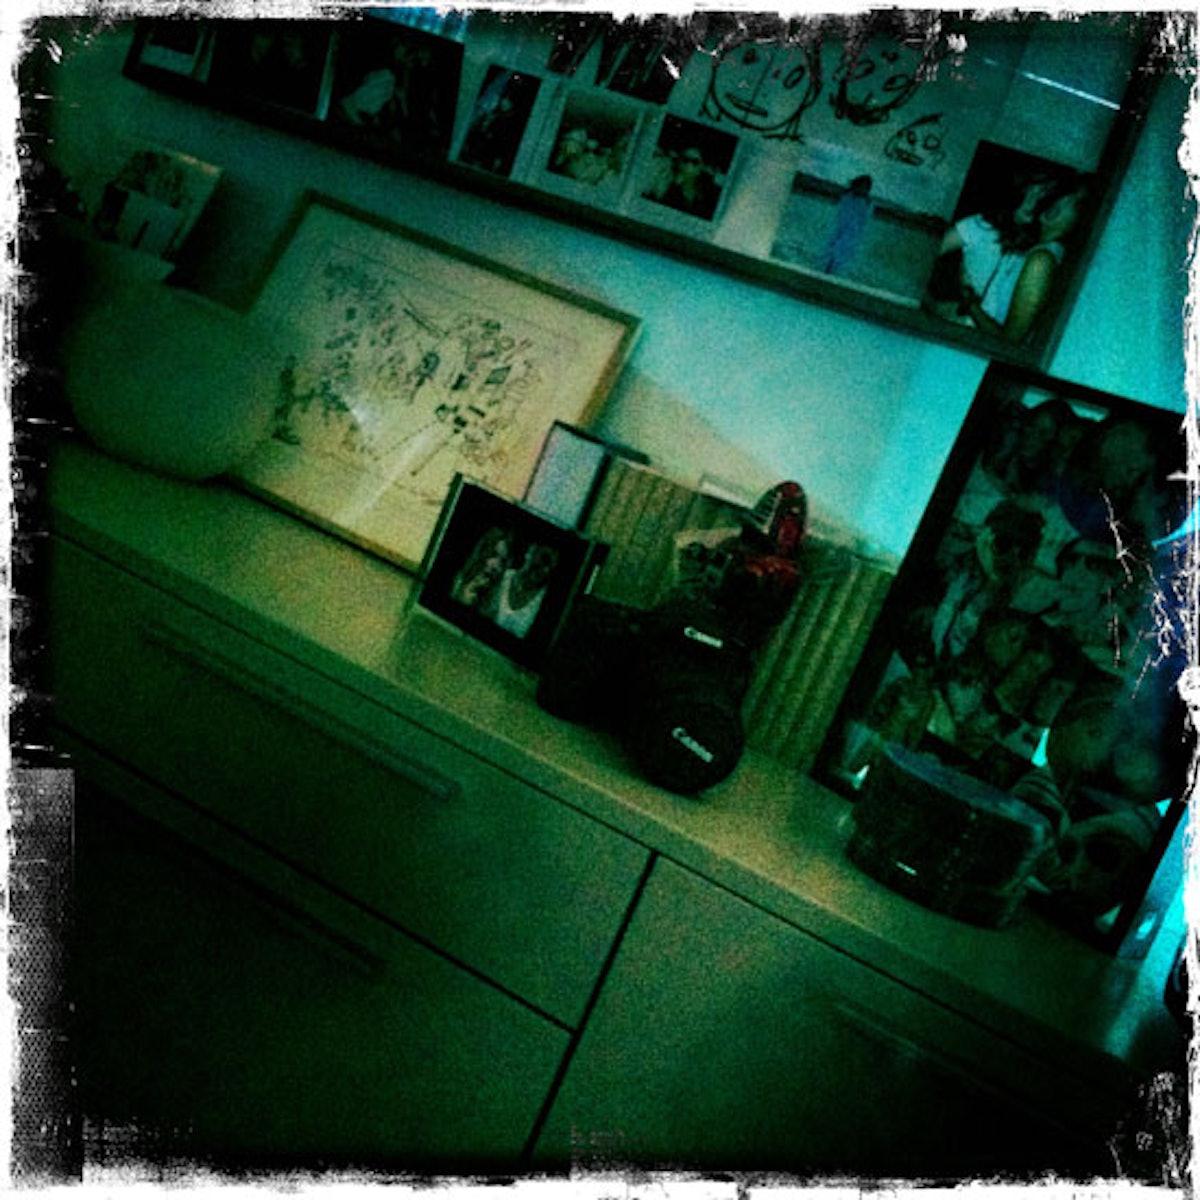 blog-cecile-winckler-shelves.jpg